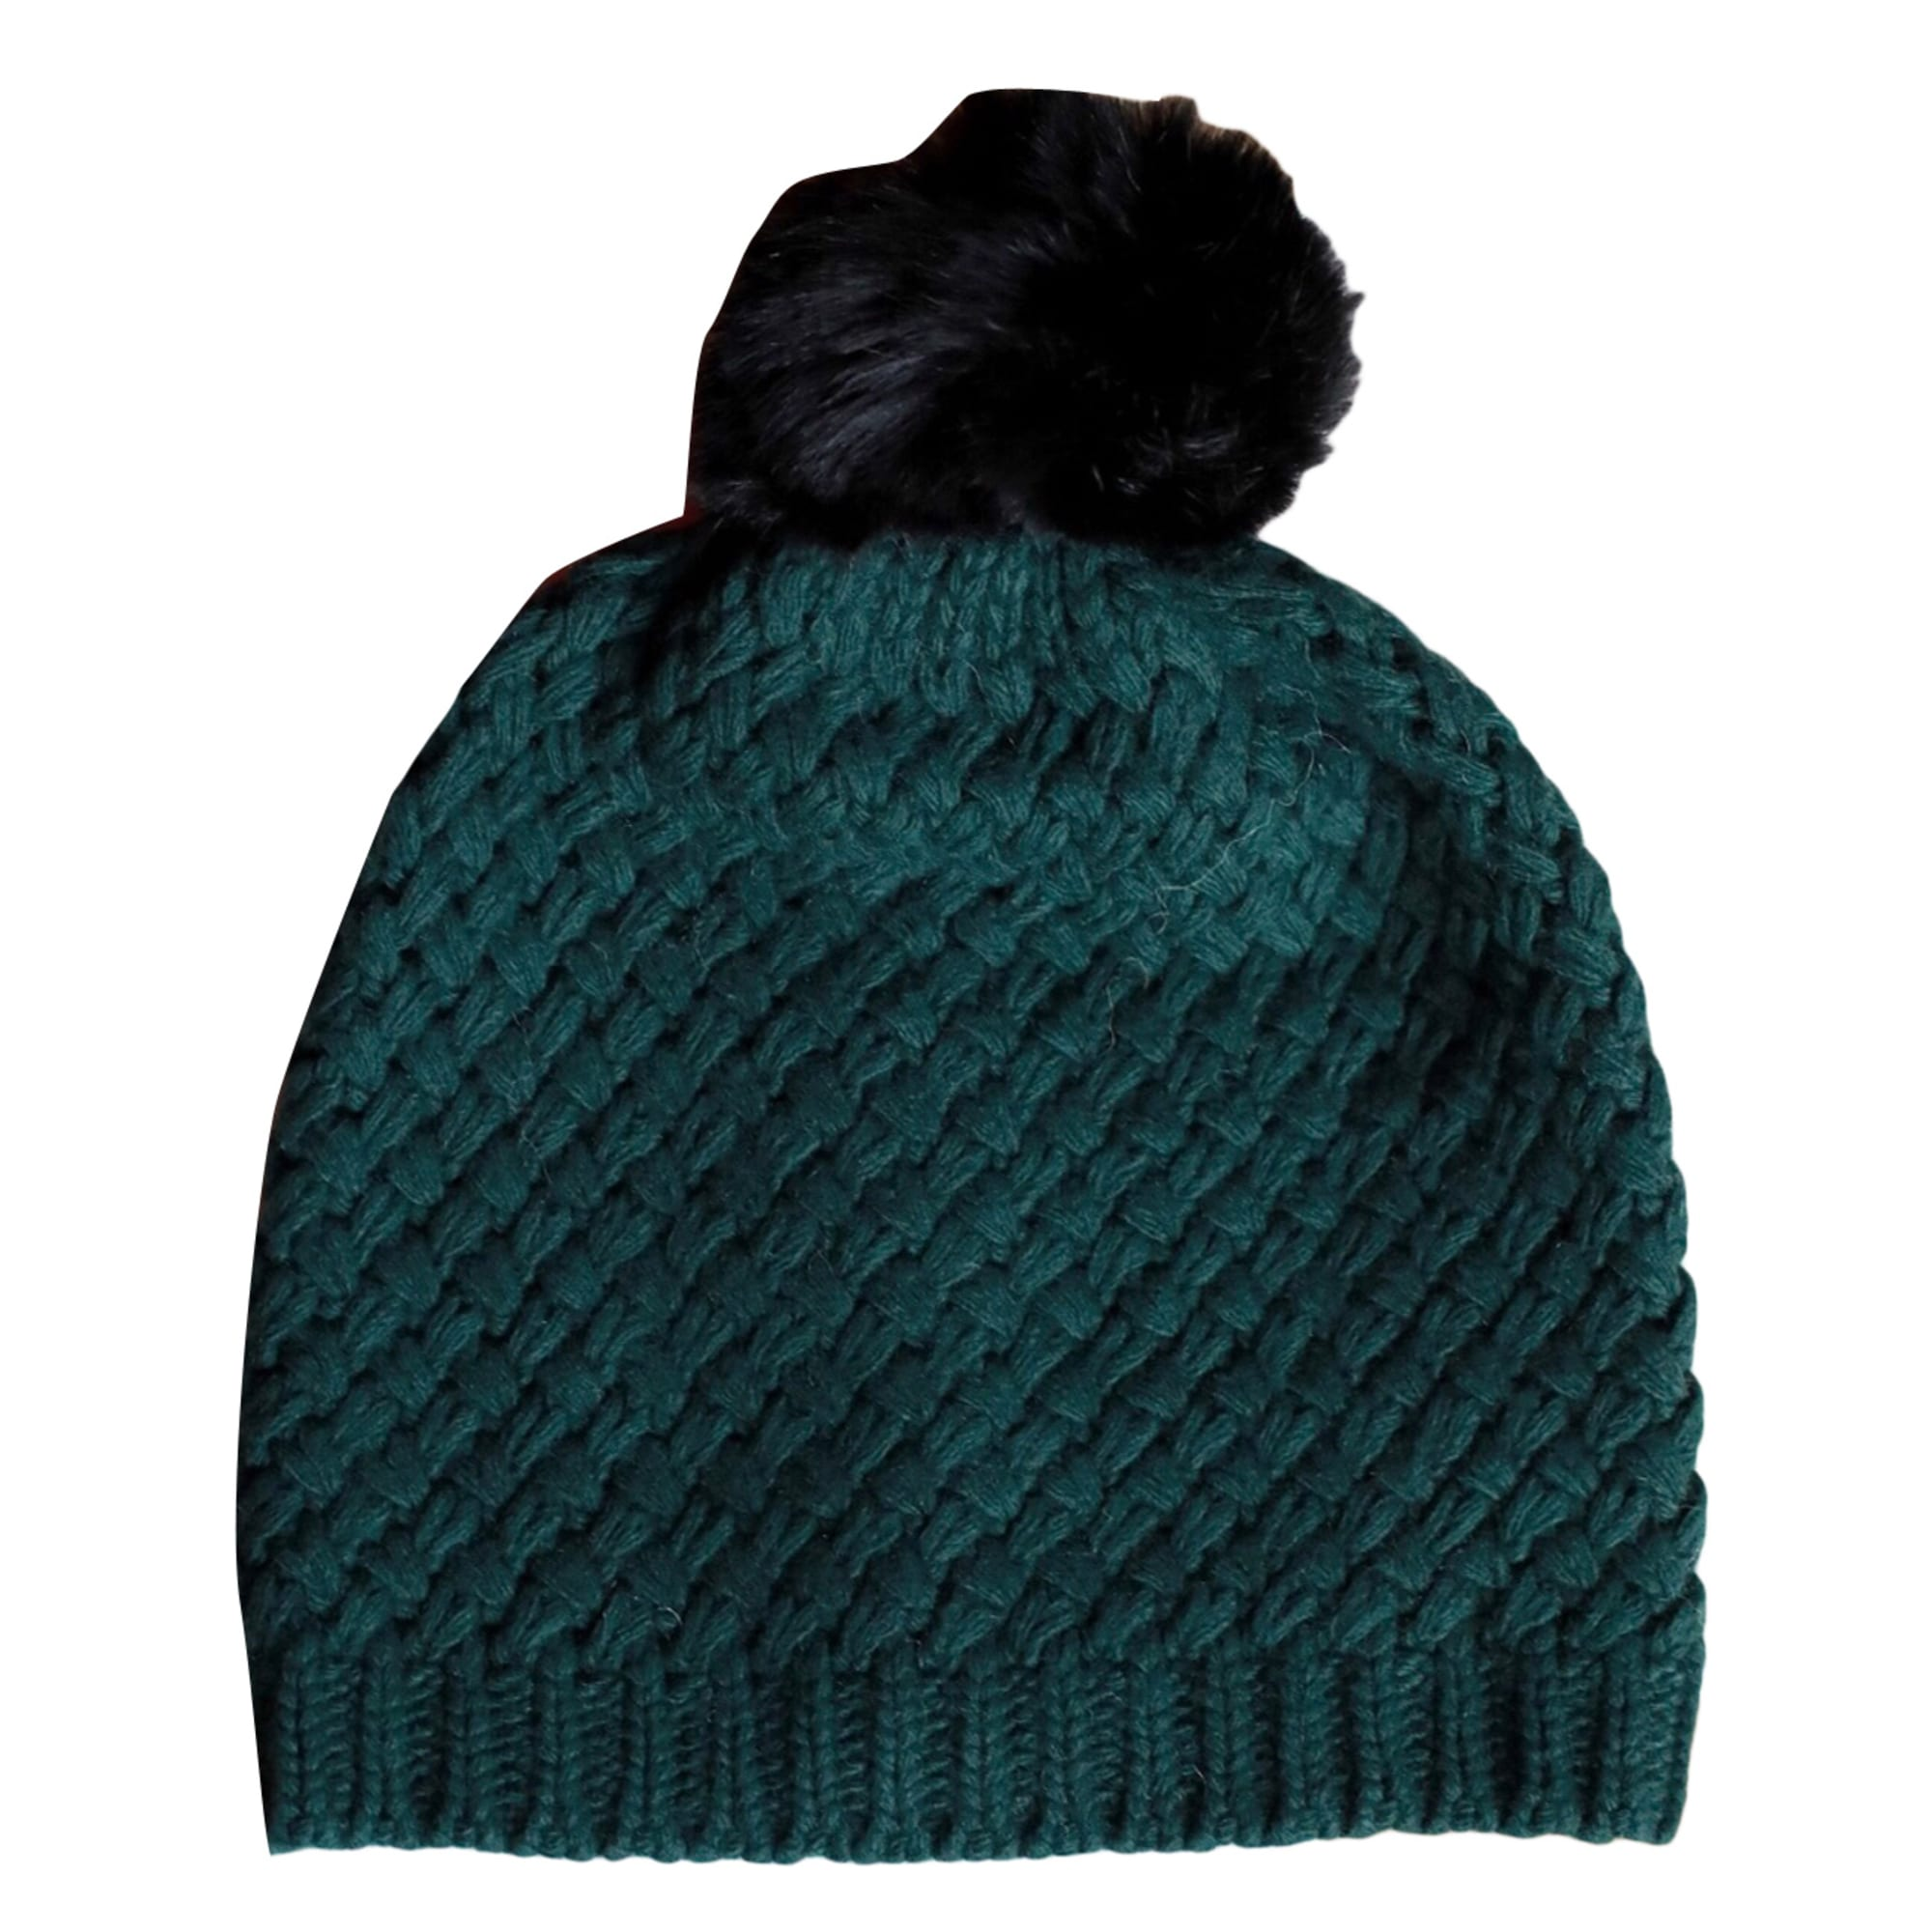 Bonnet SÉZANE Taille unique vert vendu par Azsand - 8381197 ae05f9bc917